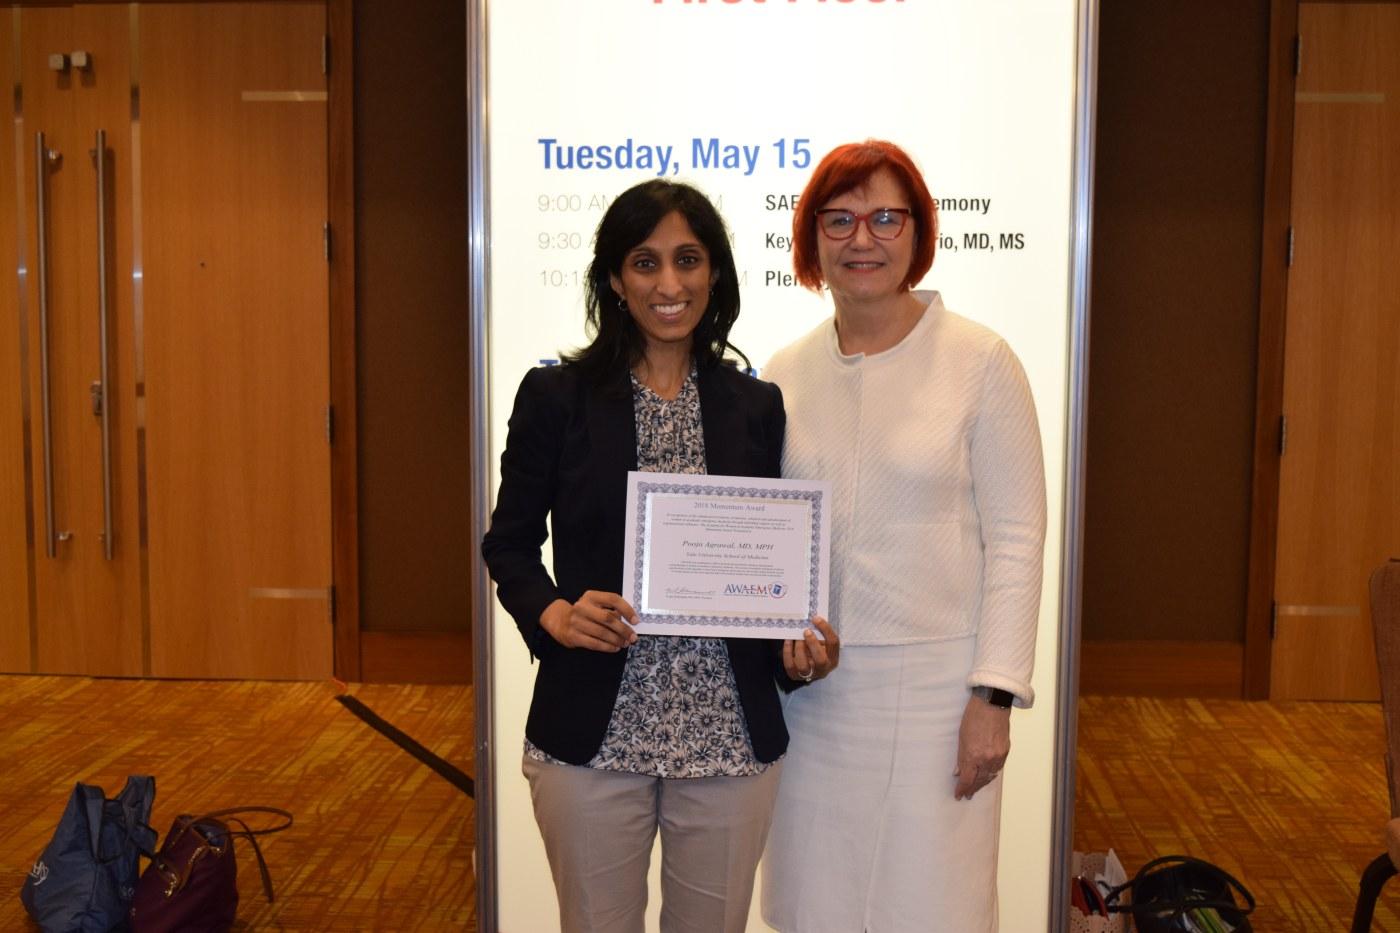 2018 Momentum Award from AWAEM Recipient